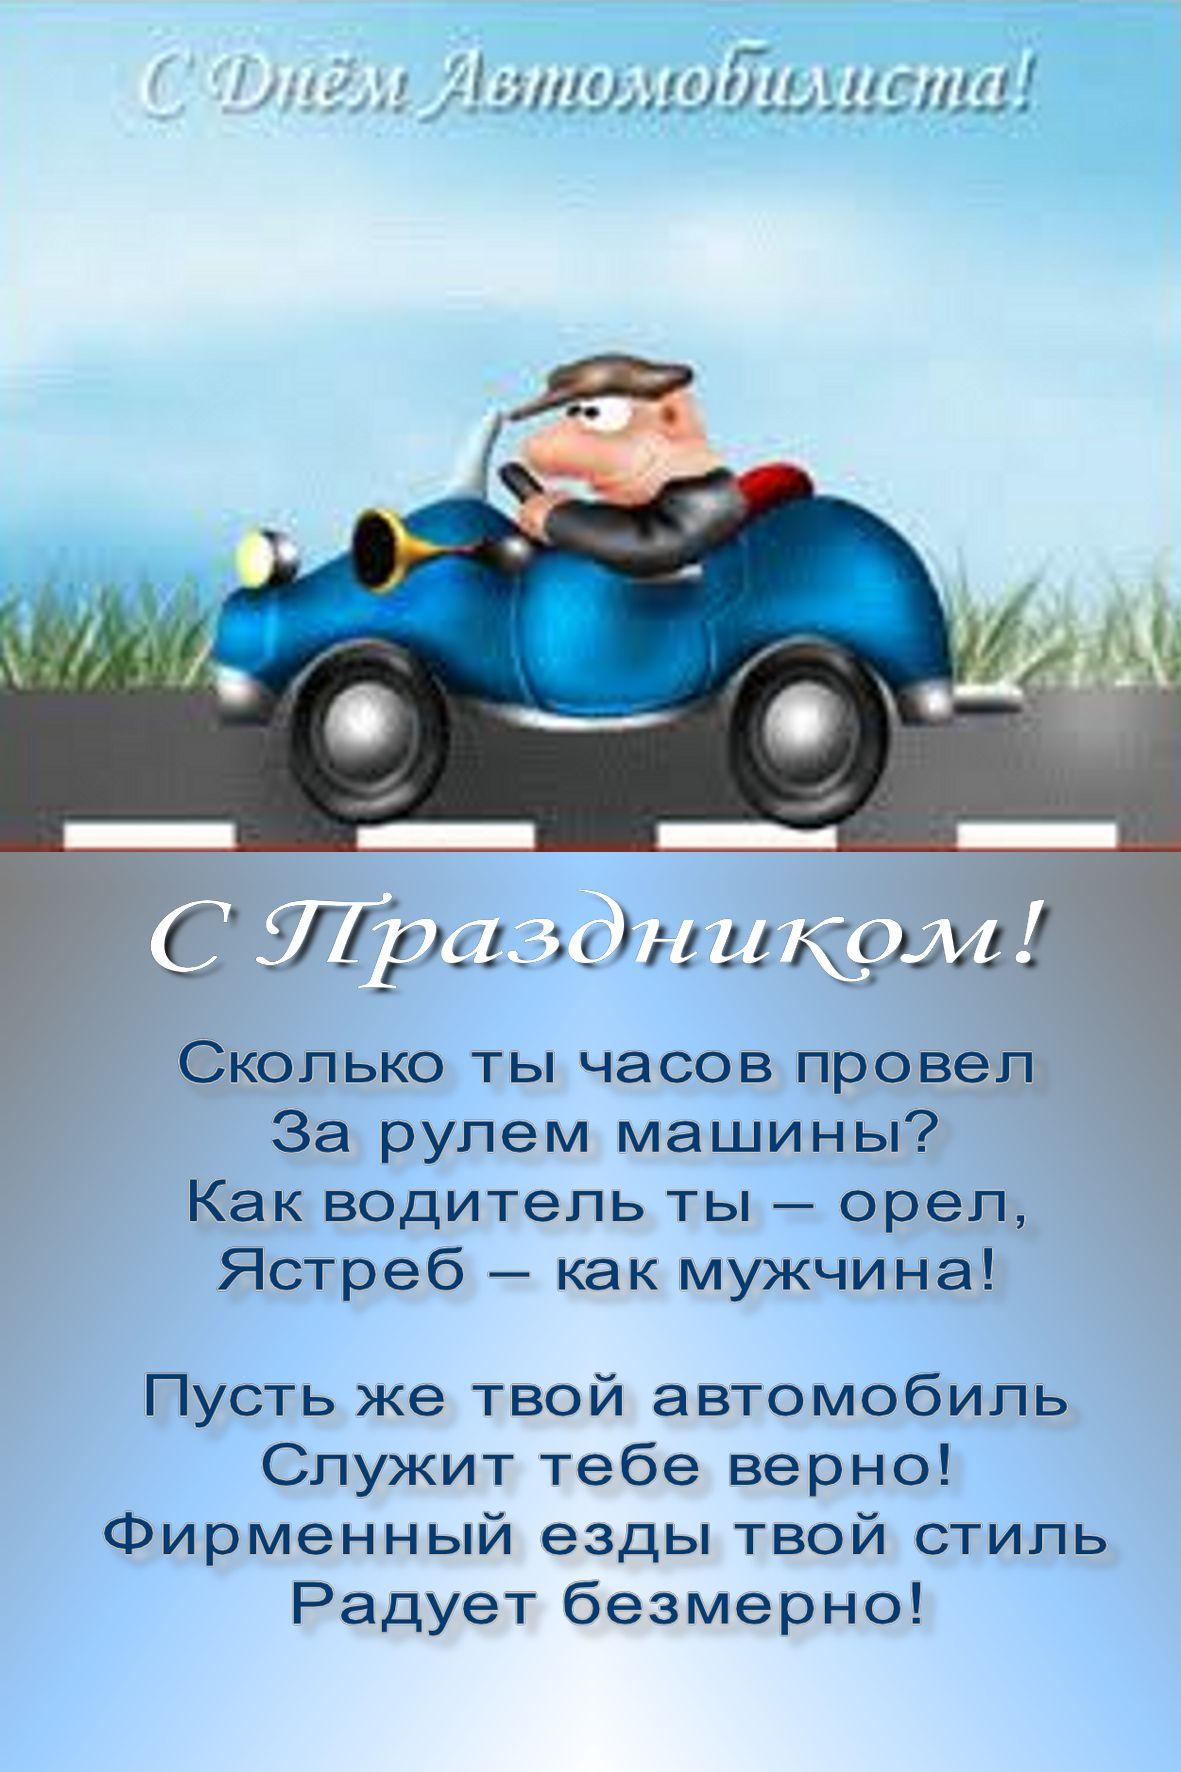 Открытка-поздравление в стихах автомобилисту